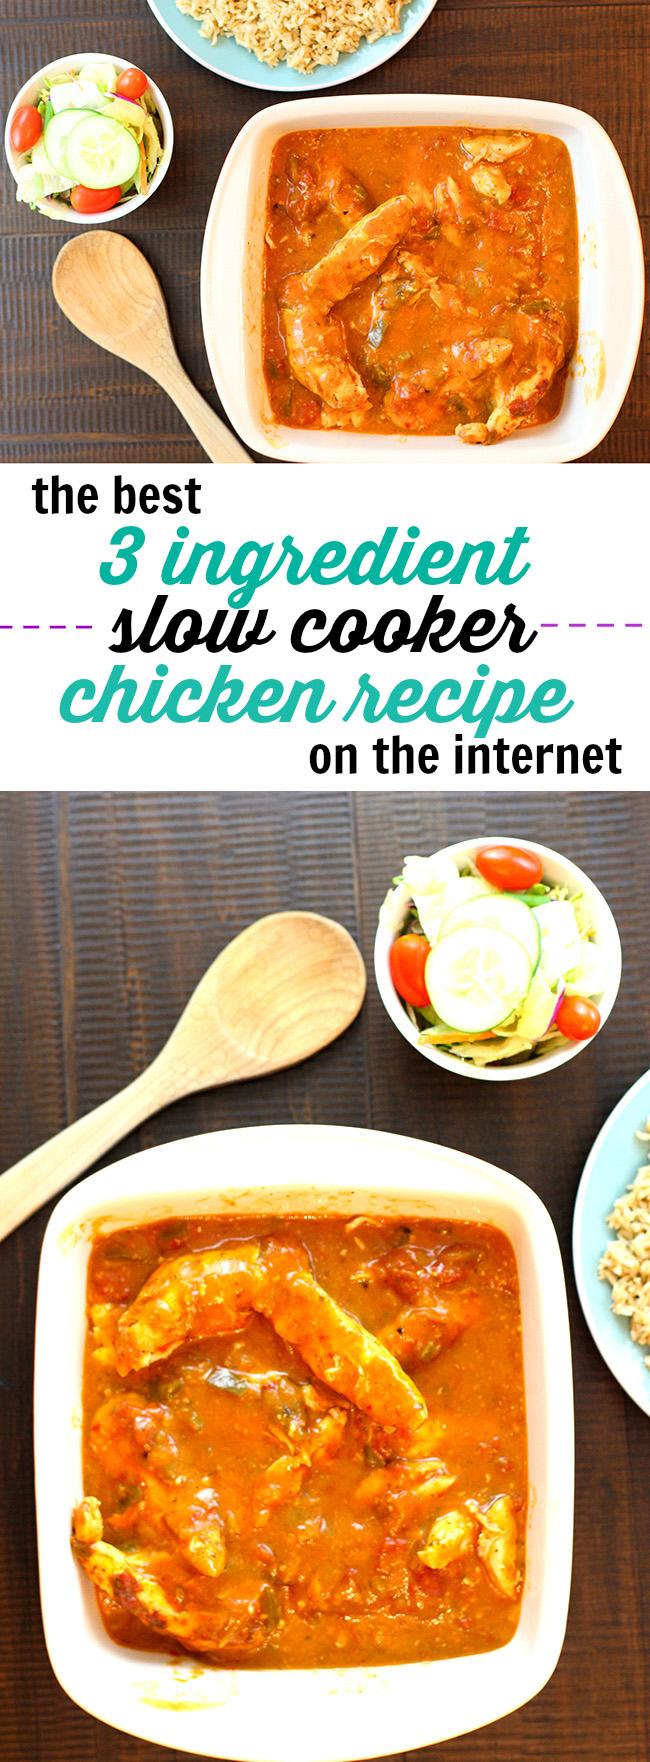 Slow Cooker Fiesta Chicken - TrimmedandToned